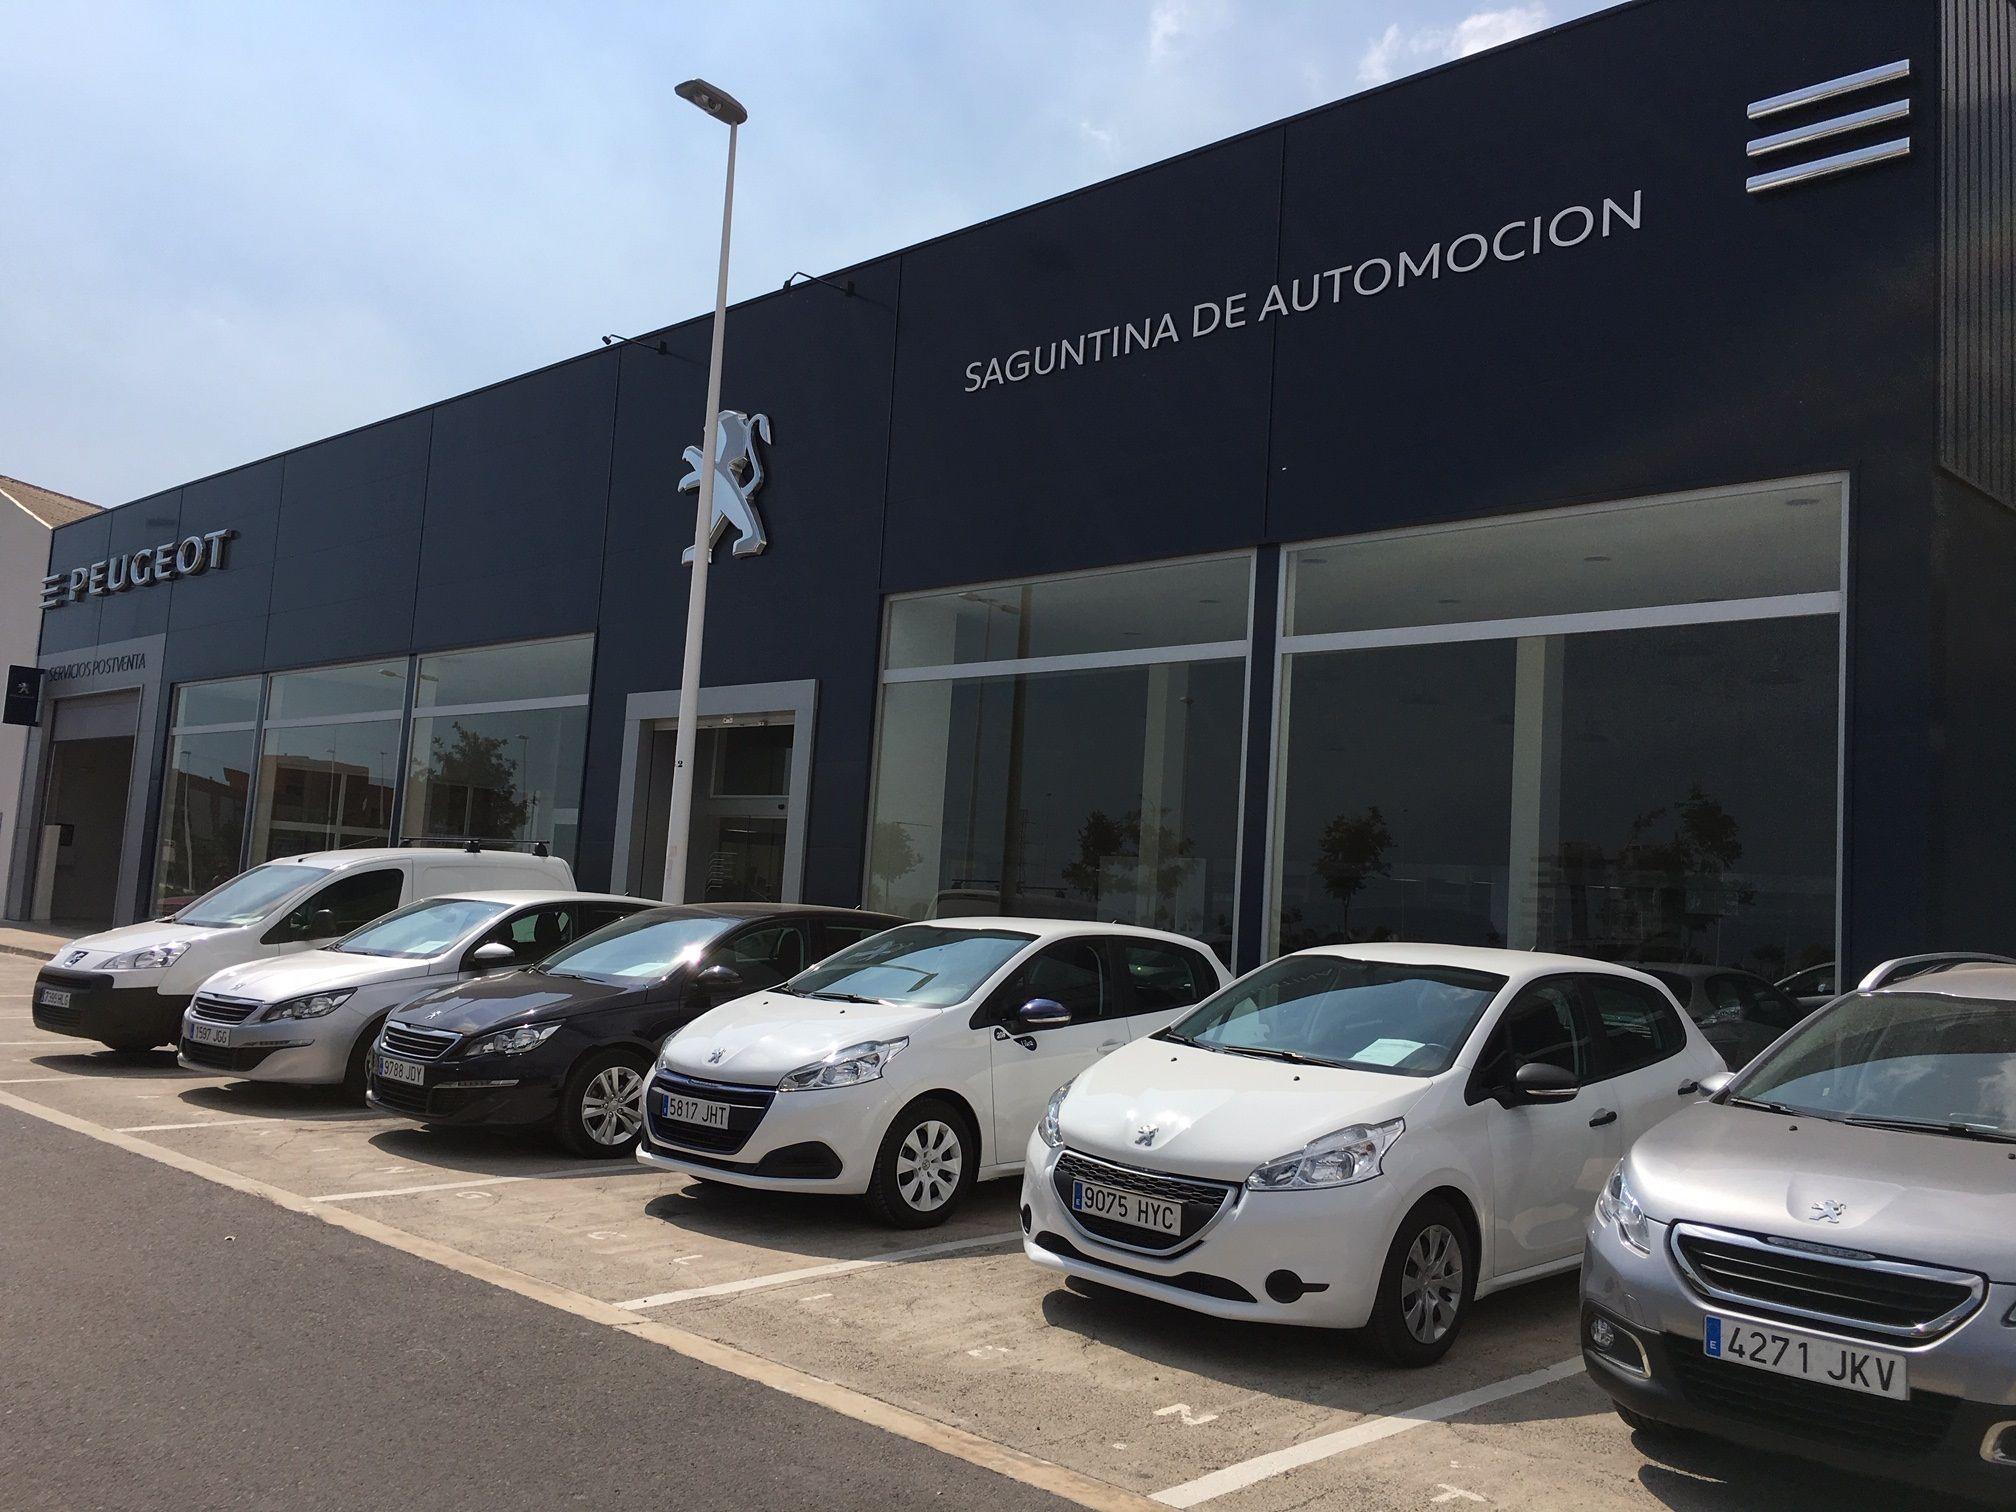 Saguntina De Automoción, Concesionario Peugeot En Sagunto